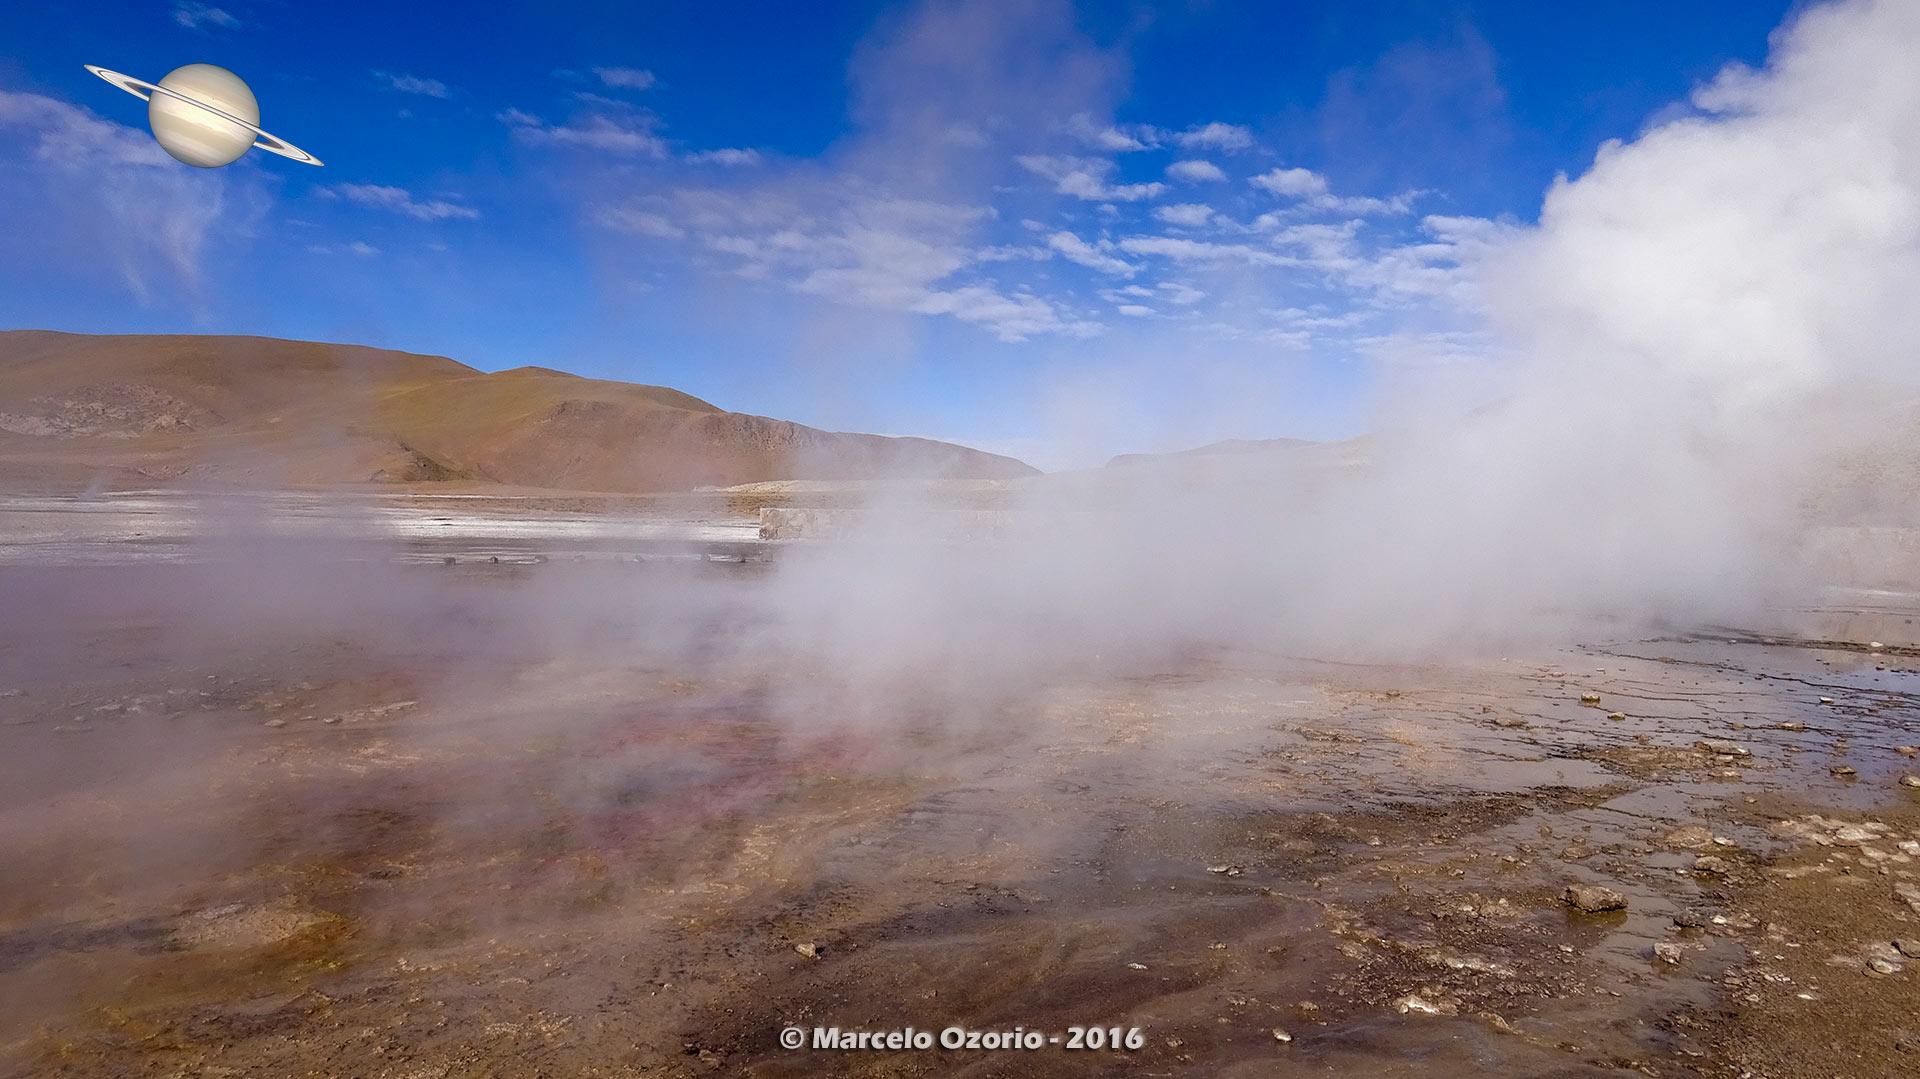 el tatio geysers atacama desert 31 - The Surreal El Tatio Geysers - Atacama Desert - Chile